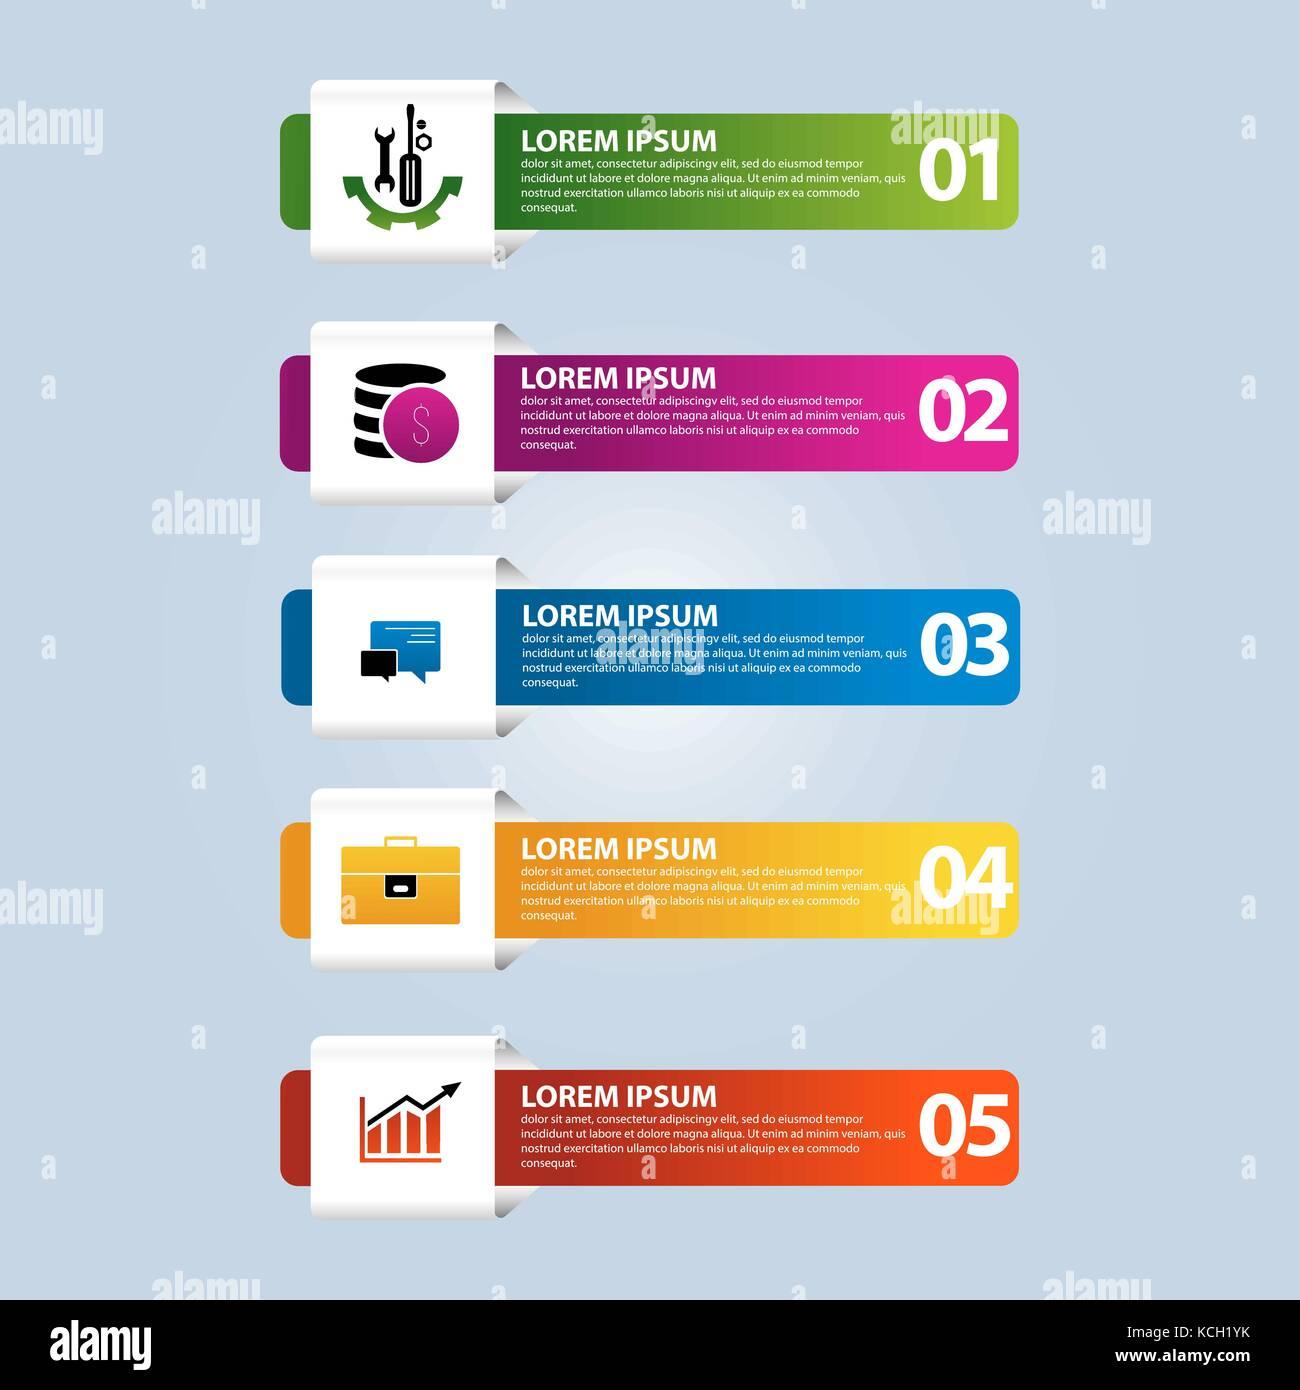 472d5c5c6a24b Una plantilla de infografía con 5 pasos y una imagen de cinco rectángulos.  Se utiliza para presentaciones de negocios